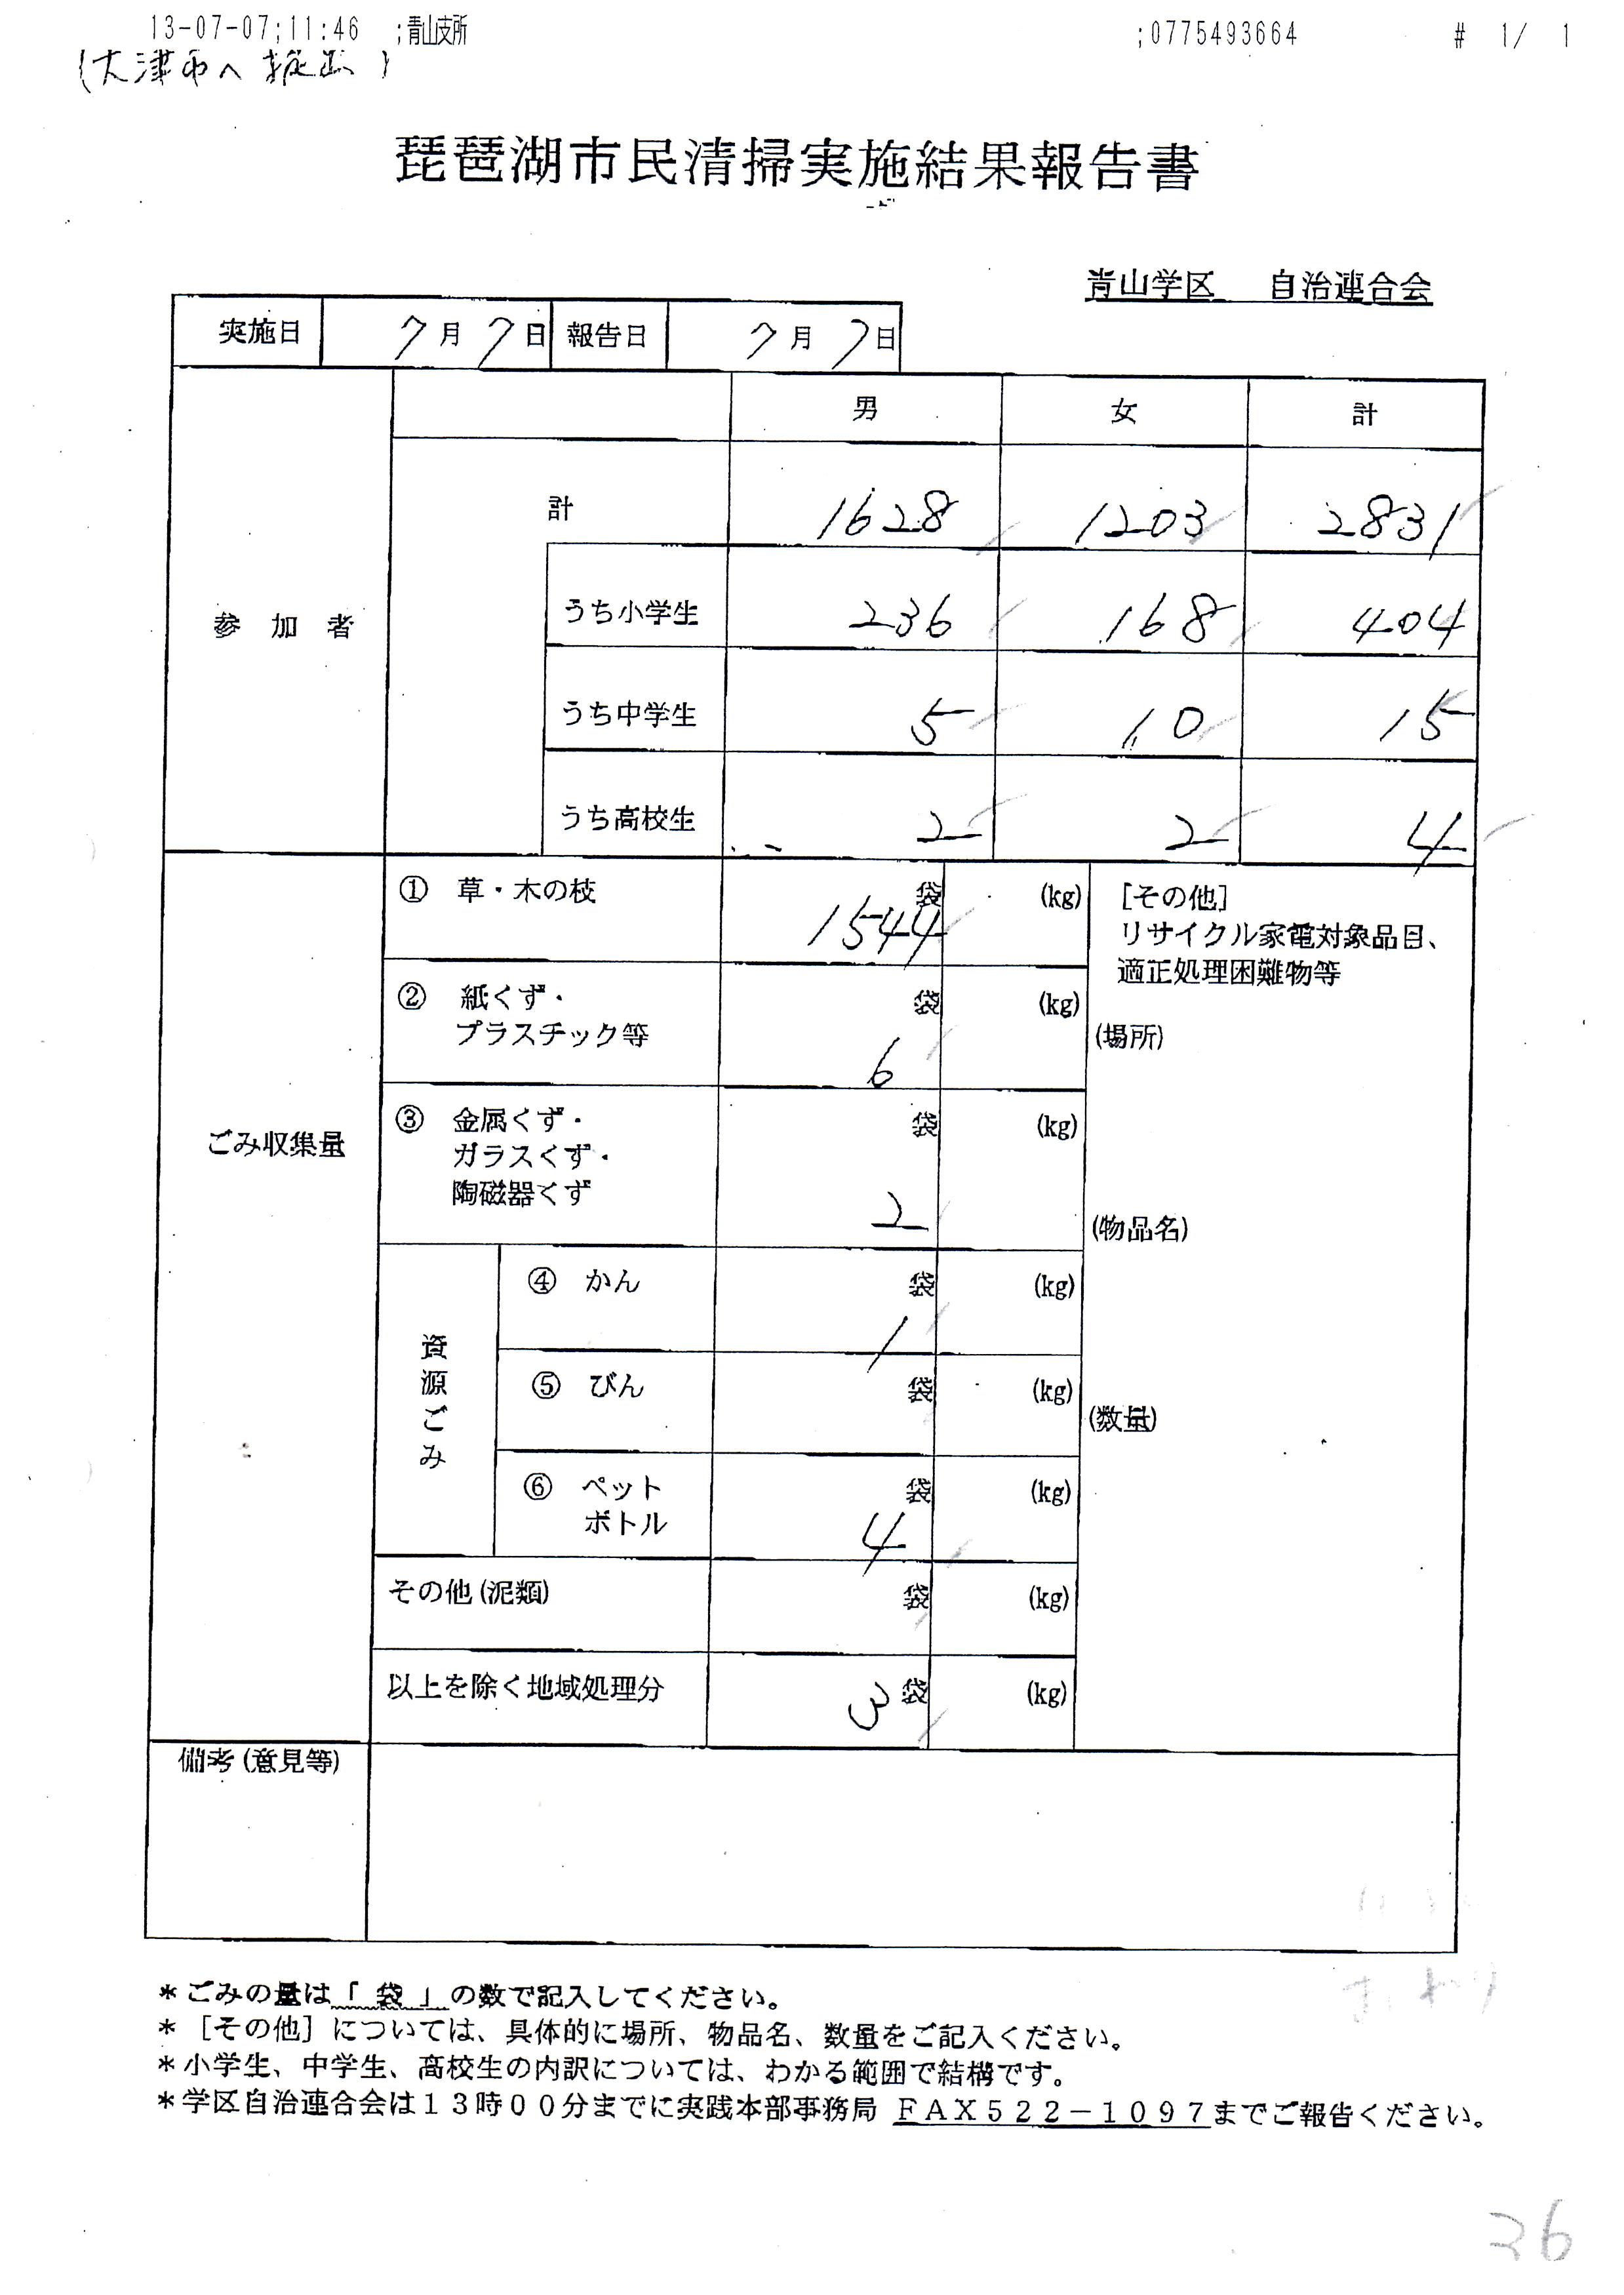 2013年青山実施結果報告書